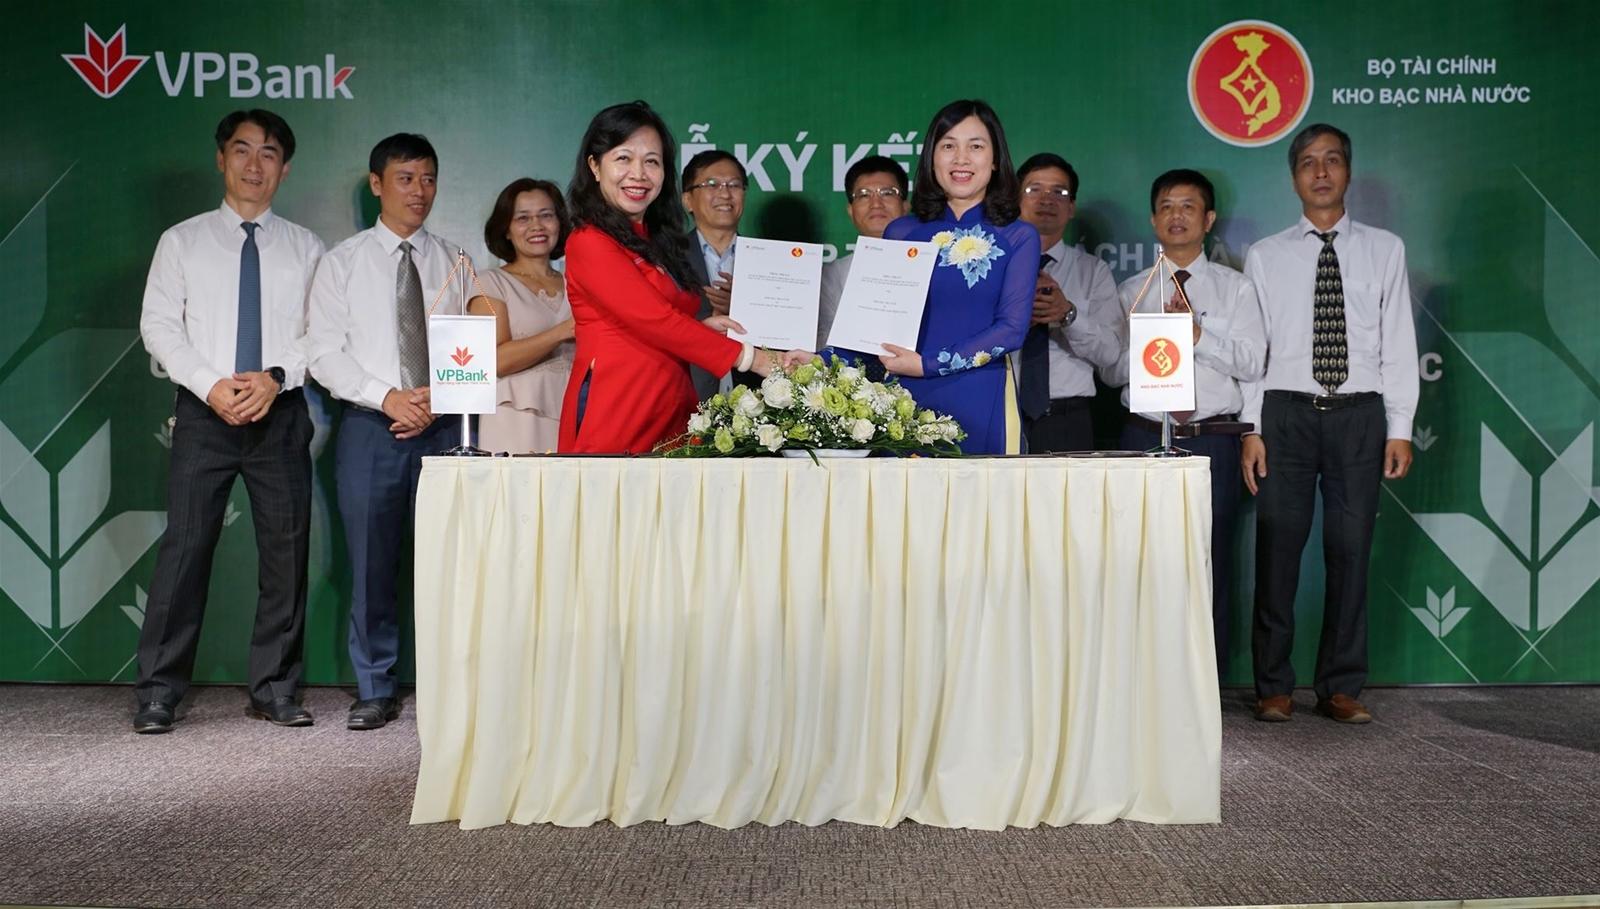 VPBank hợp tác với Kho bạc Nhà nước